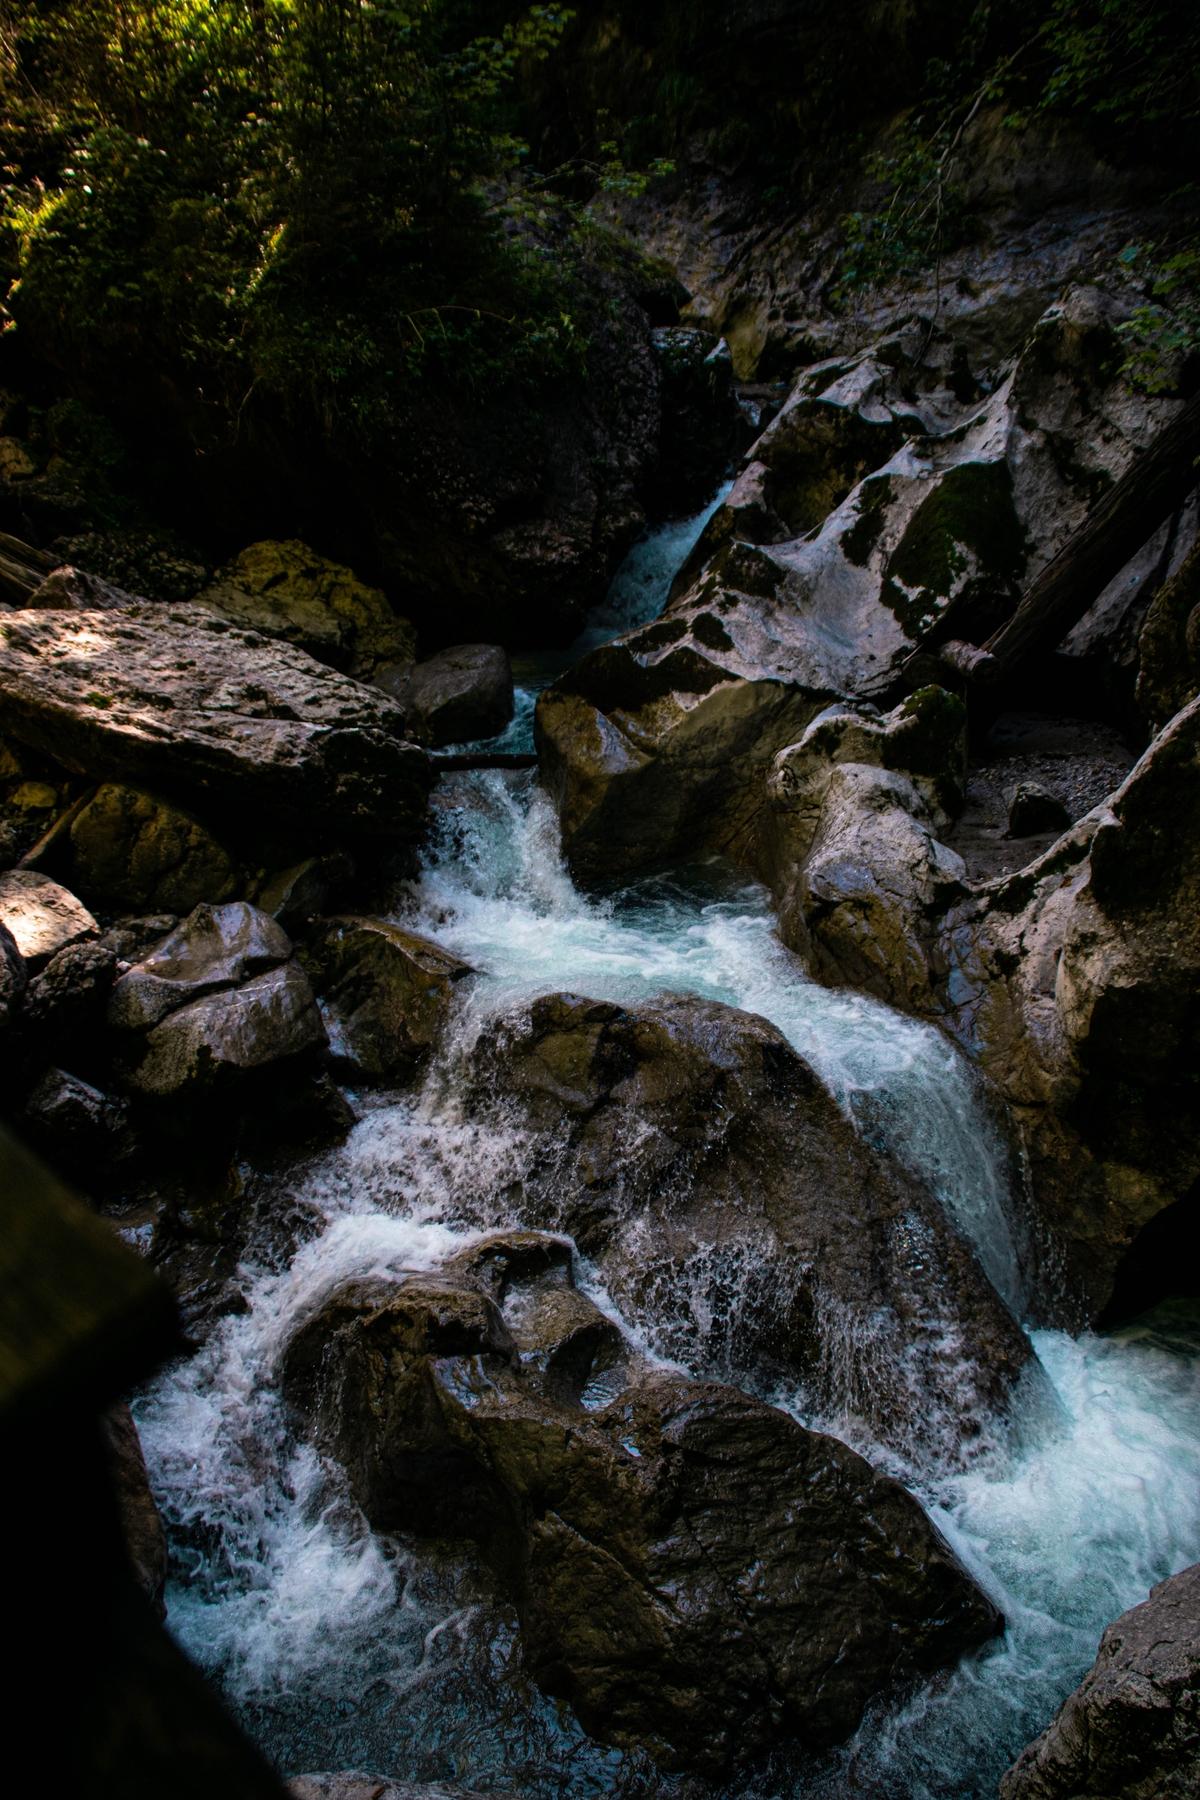 Ein wahres Naturhighlight: die Seisenbergklamm